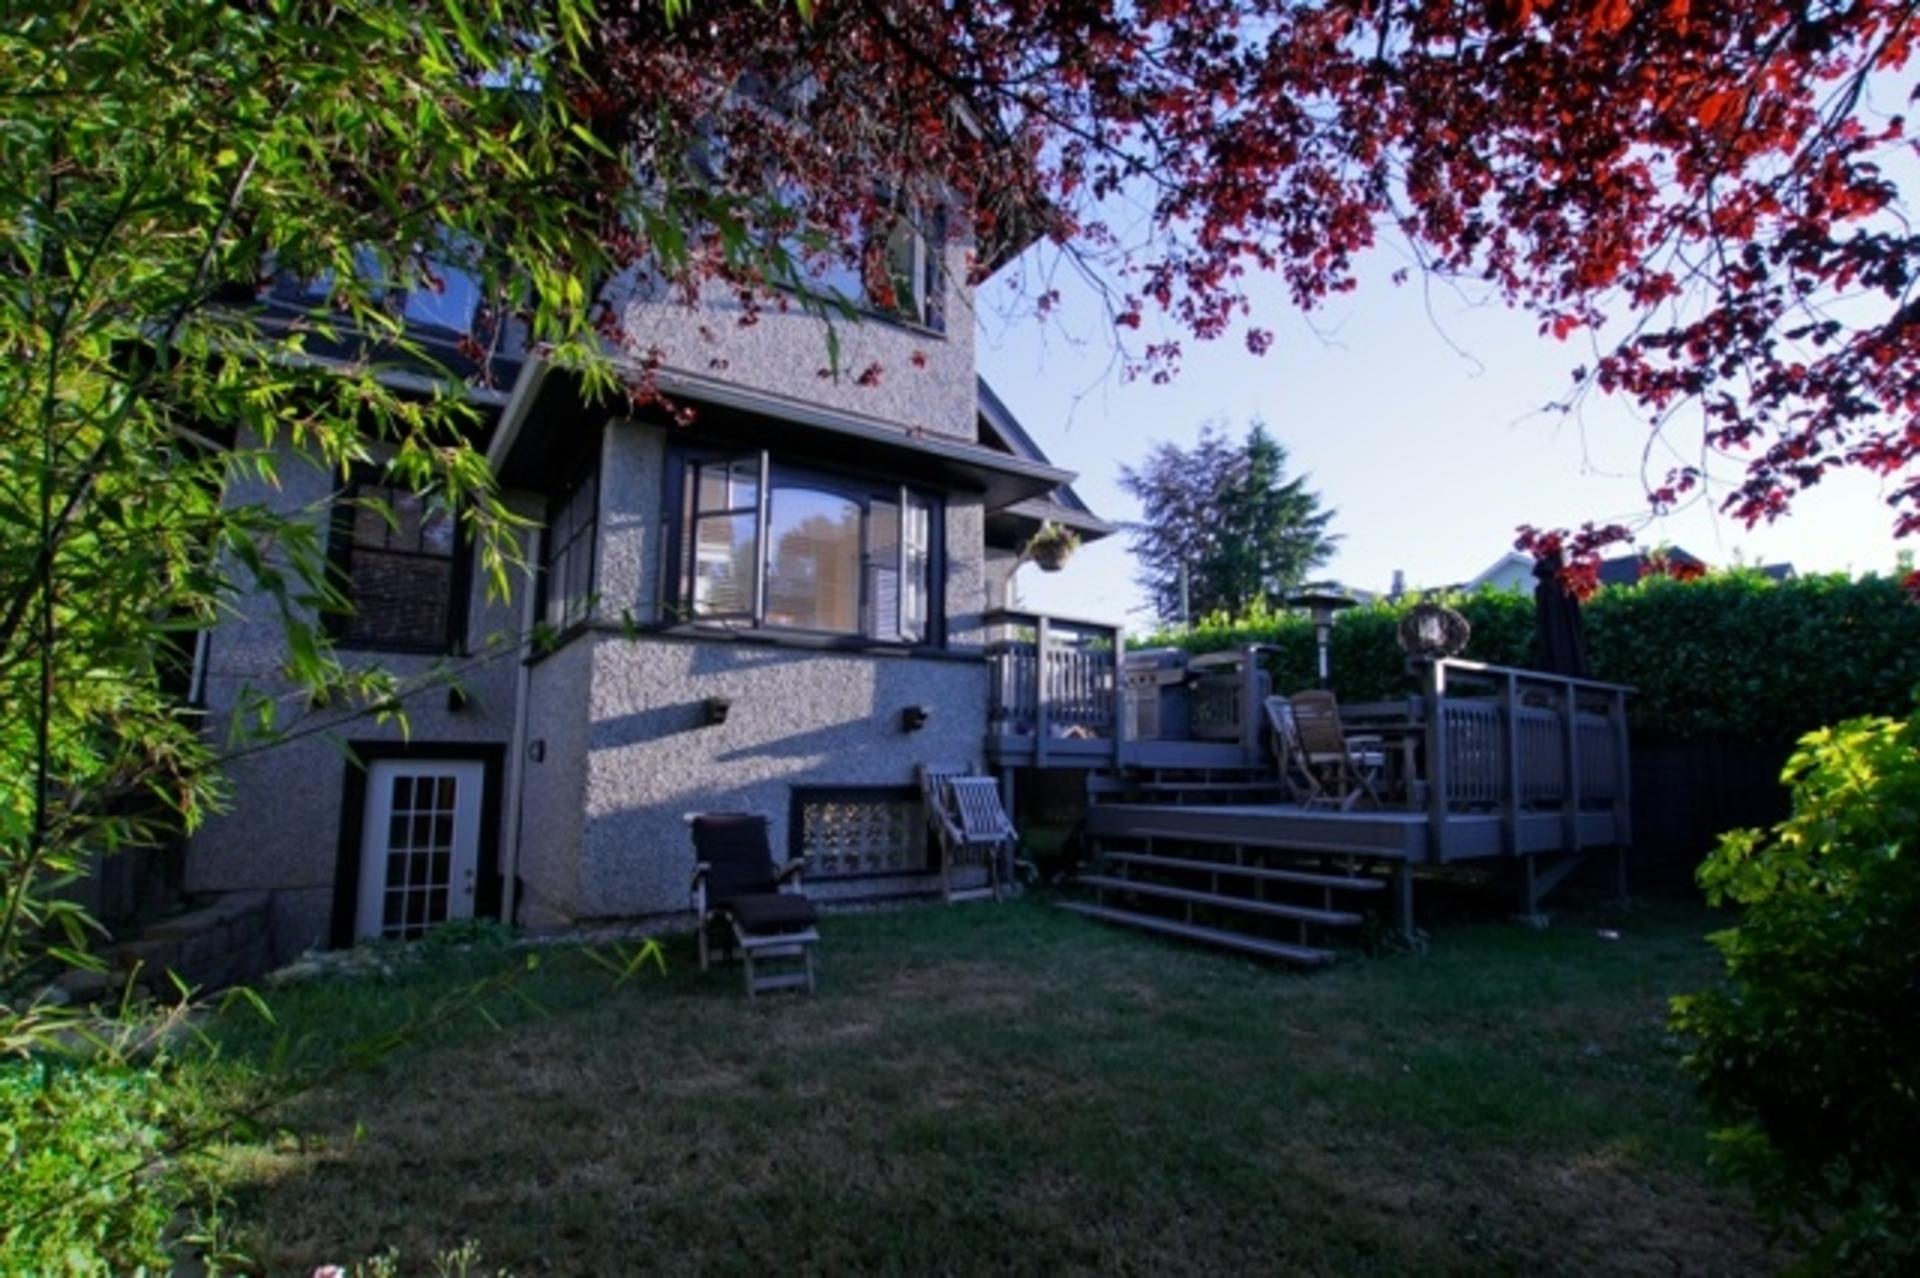 backyard at 1 - 3090 Point Grey Road, Kitsilano, Vancouver West